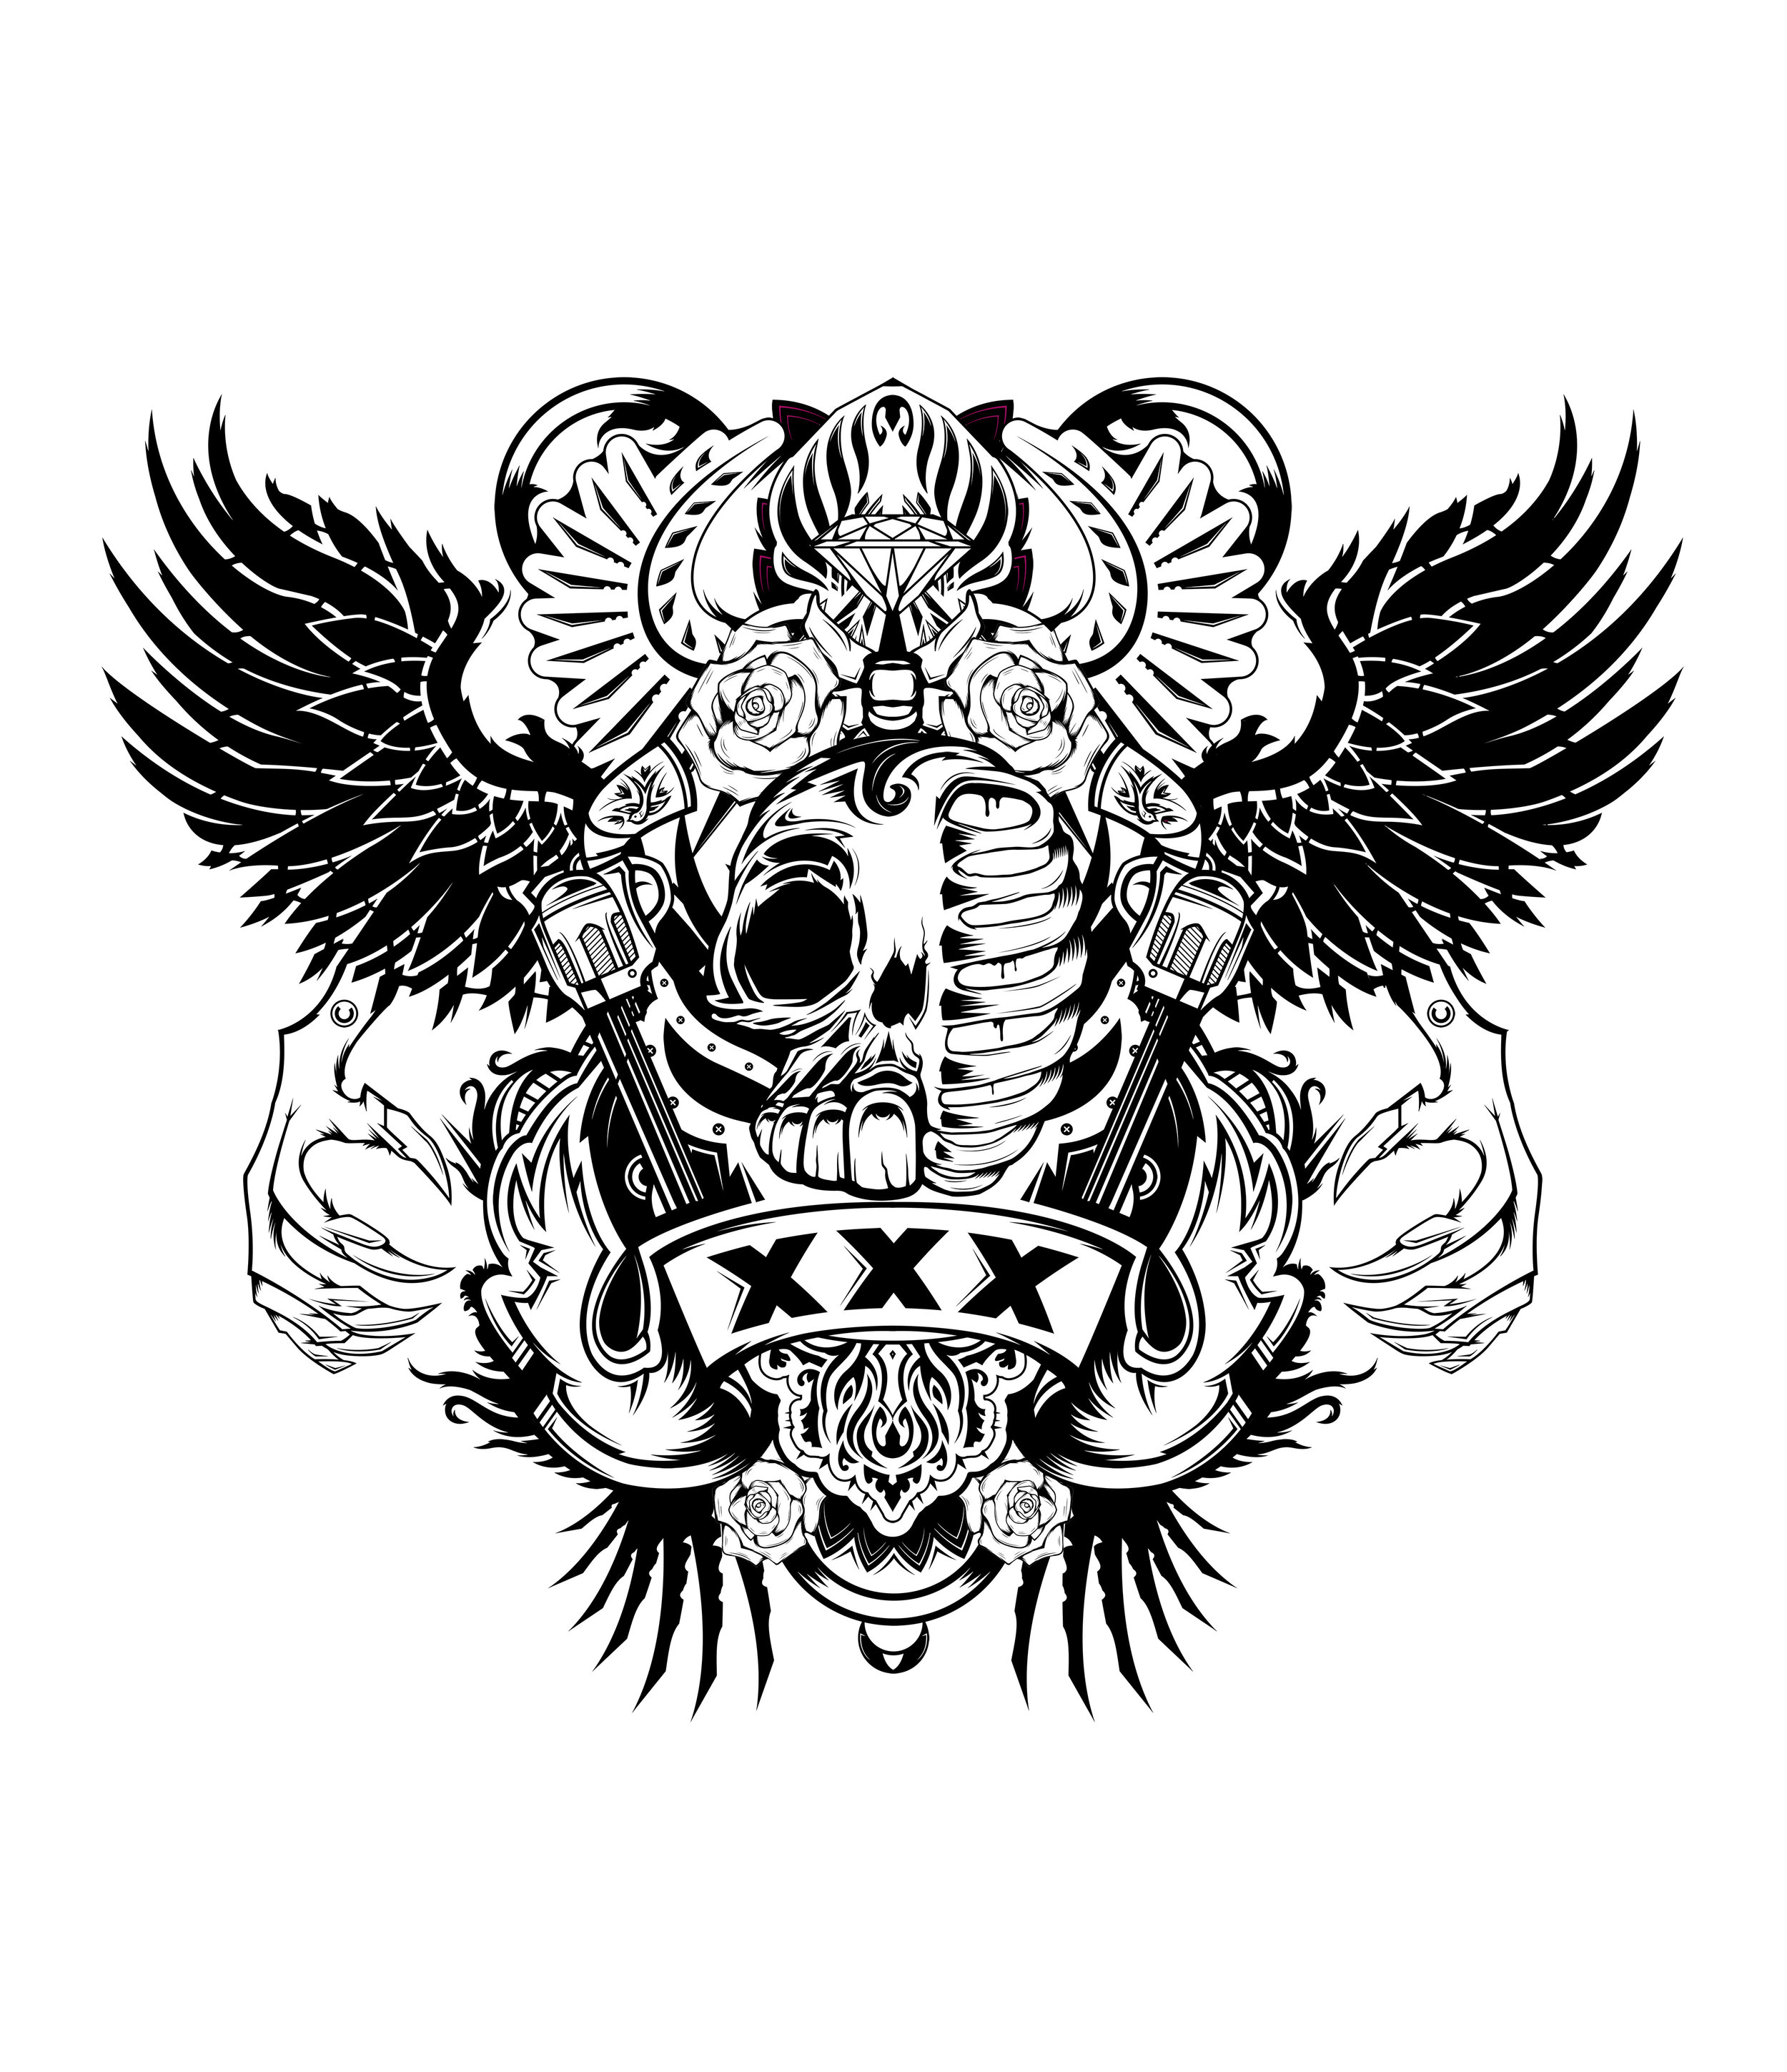 Skull_Ribs_Clean_Bigger_2018_3.jpg